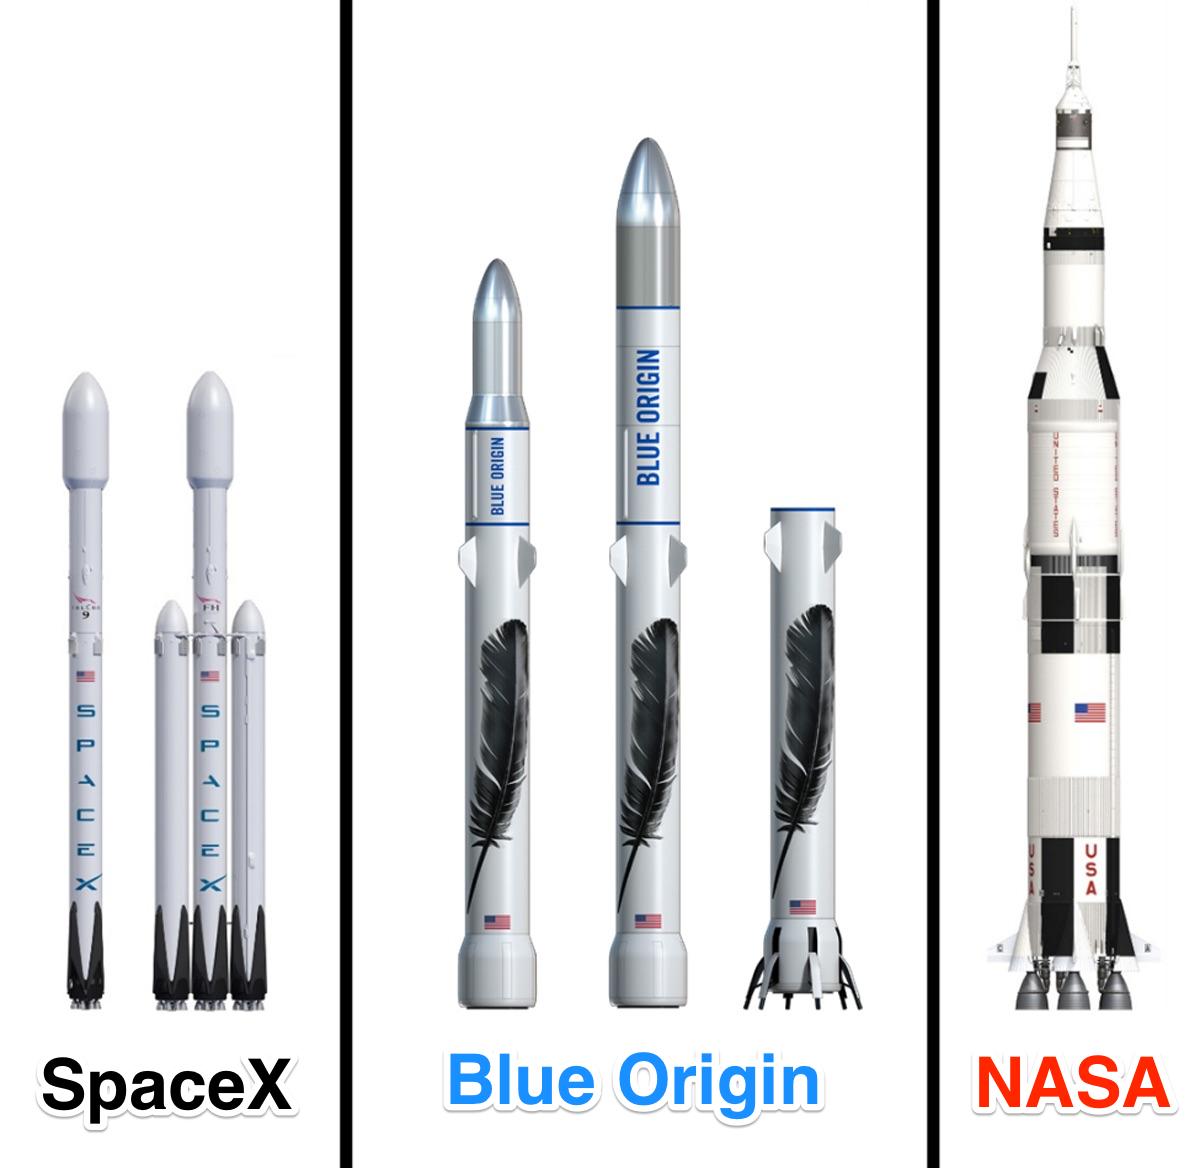 blue origin spacex nasa rockets compared - Logo Blue Origin PNG